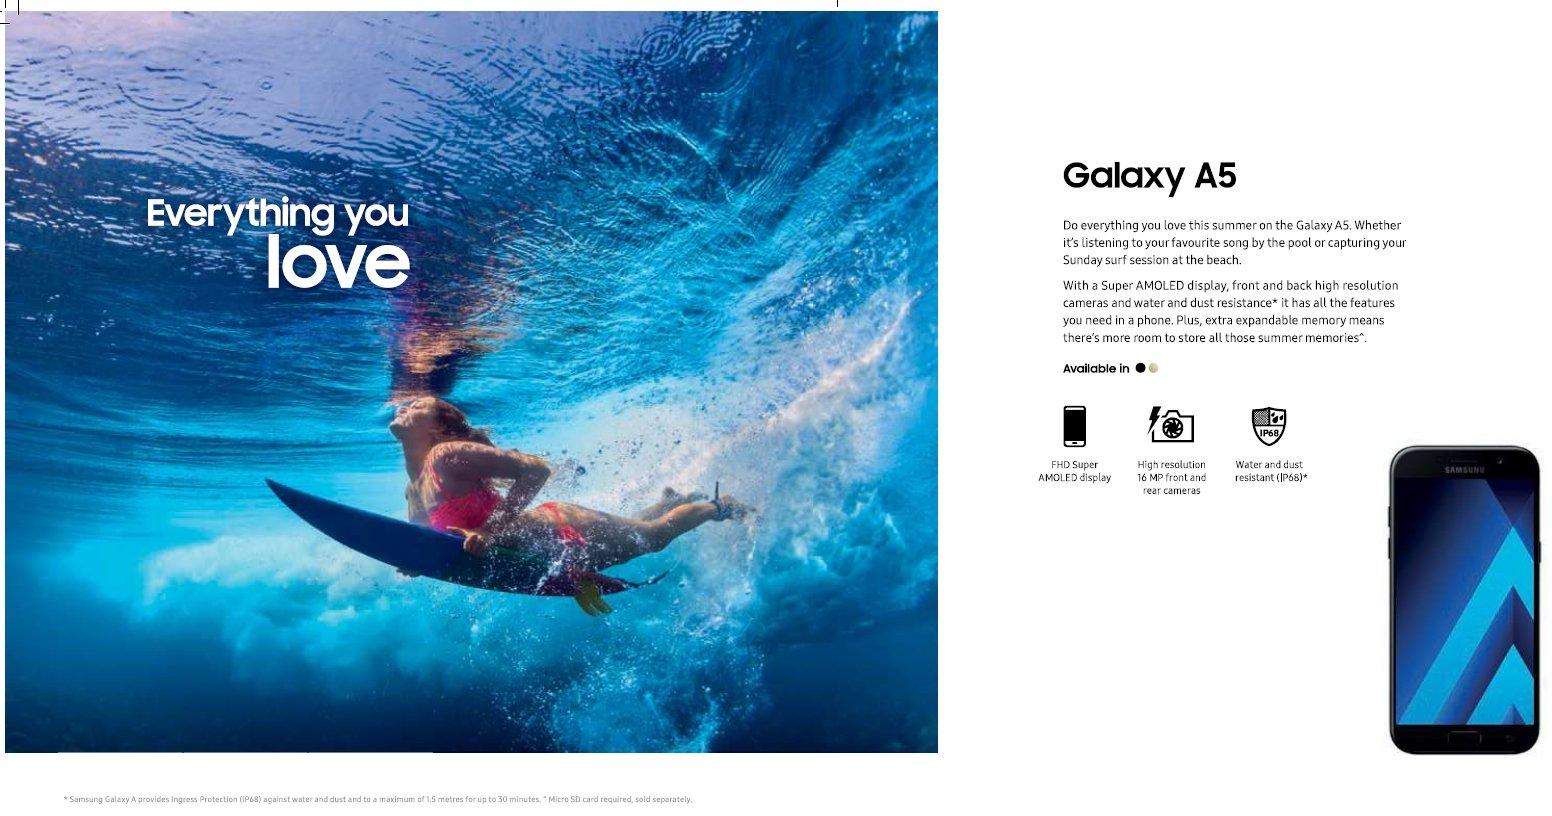 publicidade da samsung no mar